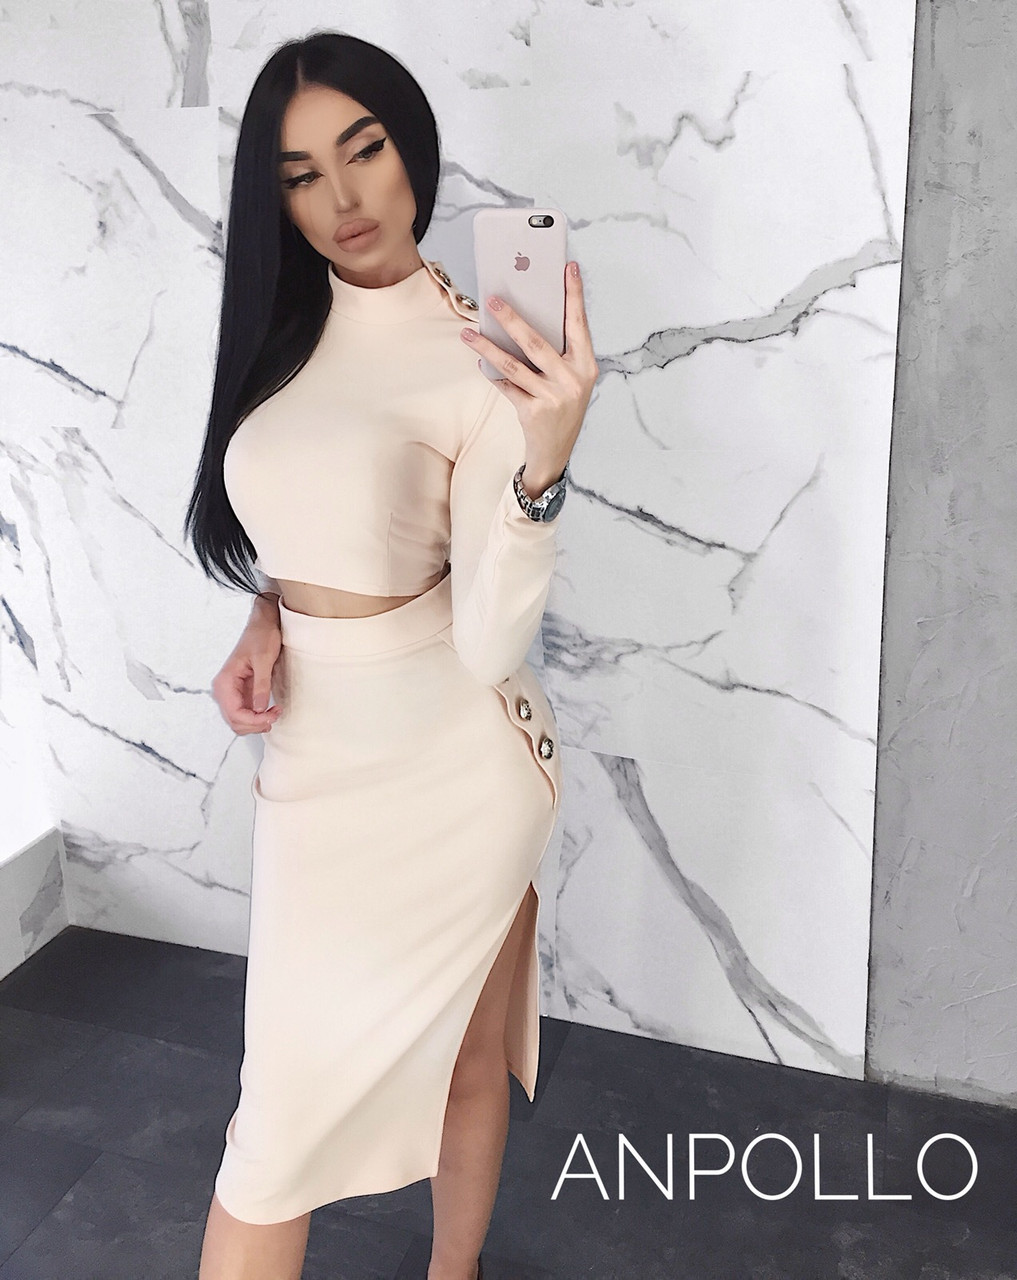 Женский юбочный костюм с топом и декором 17ks965